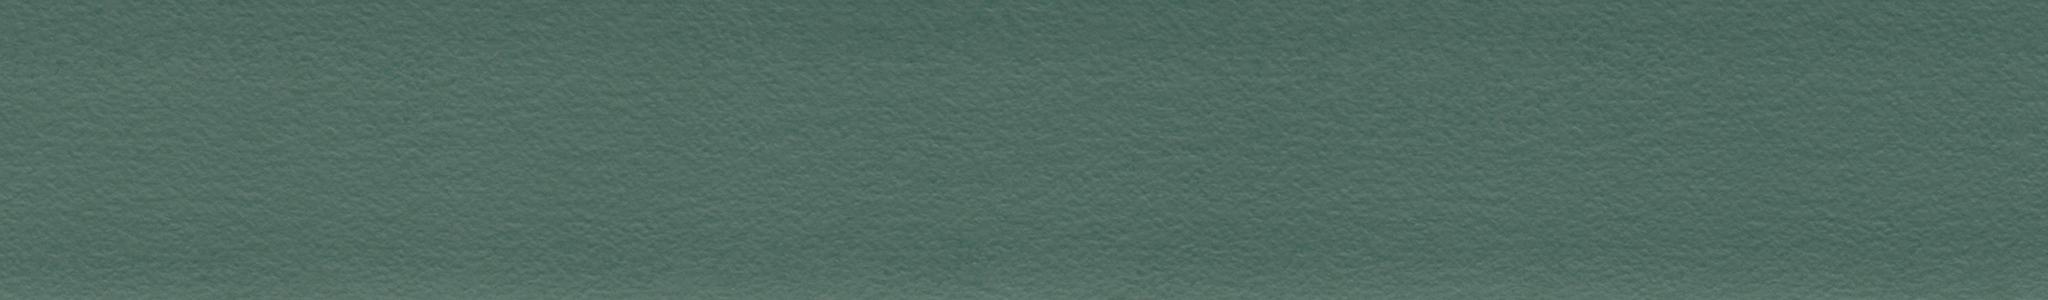 HU 169008 ABS hrana zelená perla jemná 107